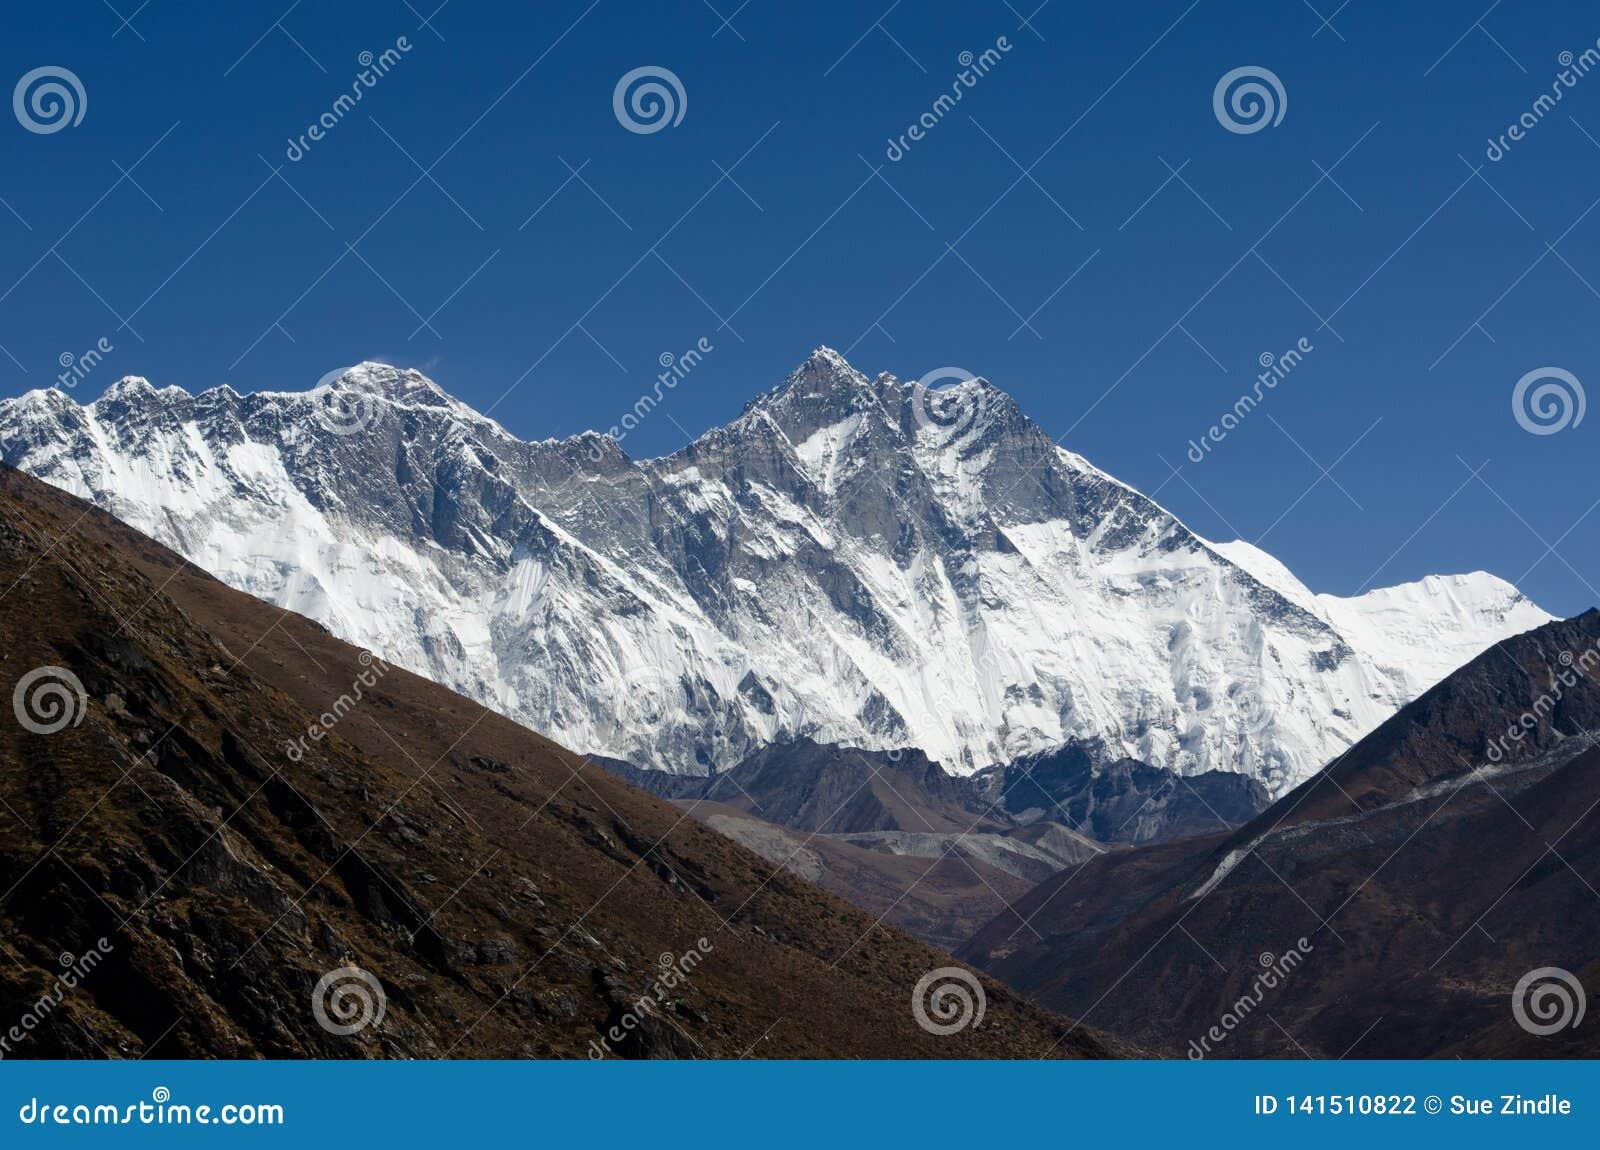 Himalayas Lhotse Everest